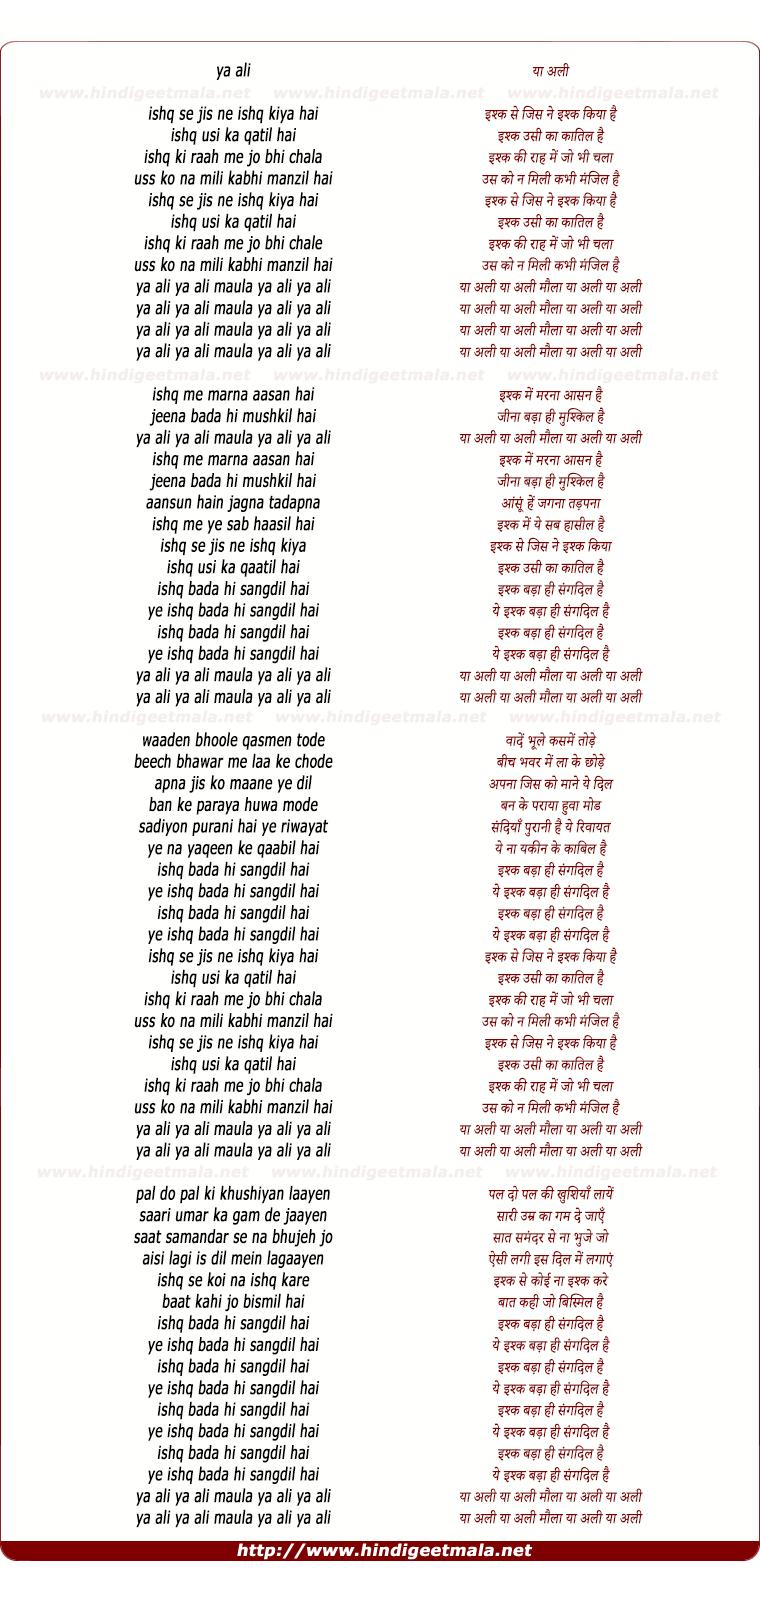 lyrics of song Ishq Badaa Sangdil